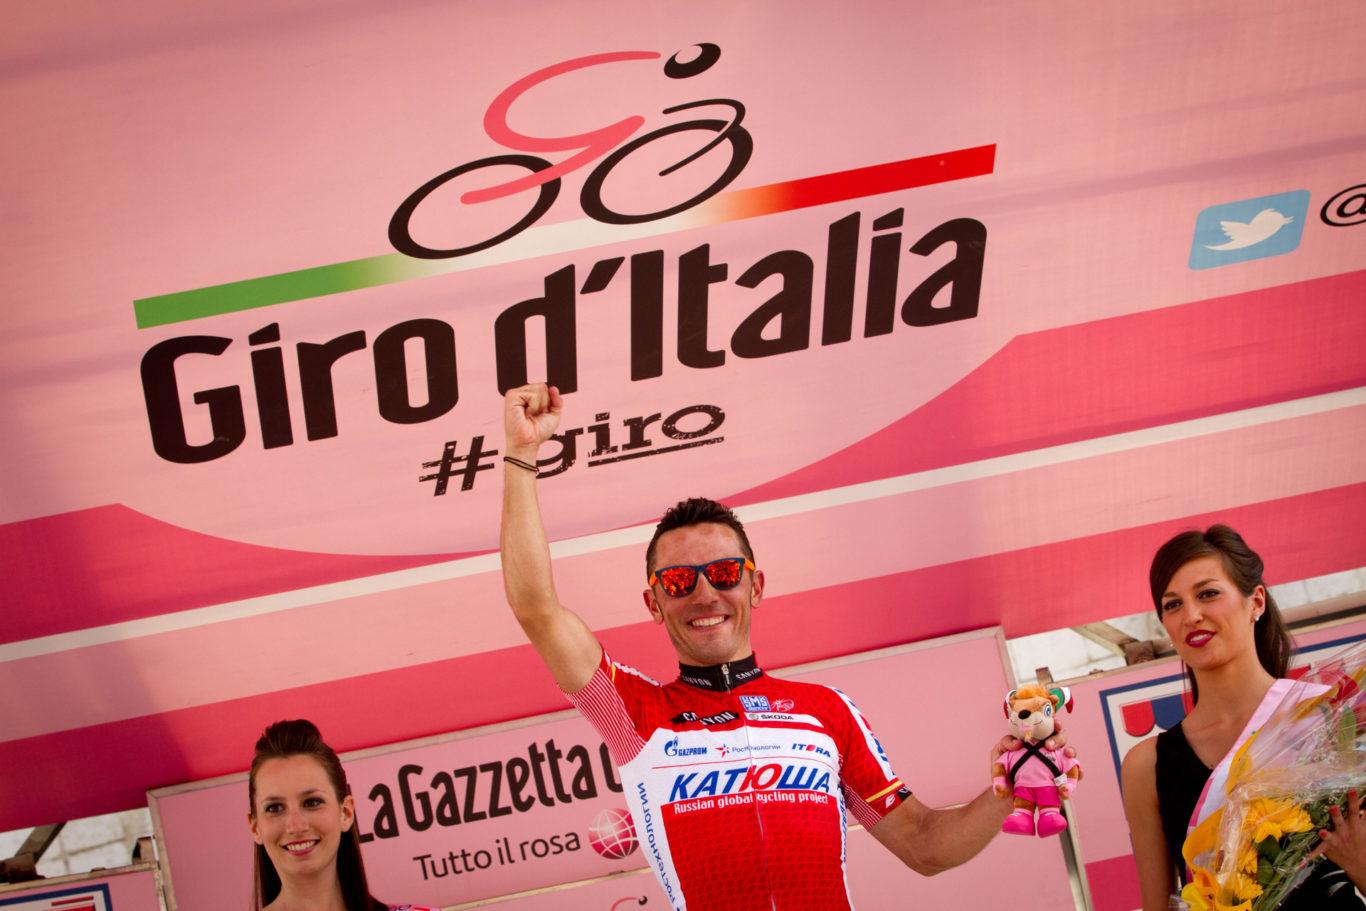 ASSISI-GIRO D'ITALIA 2012-TAPPA 10-IL VINCITORE DELLA TAPPA, RODRIGUEZ OLIVER JOAQUIN, VIENE PREMIATO SUL PALCO.